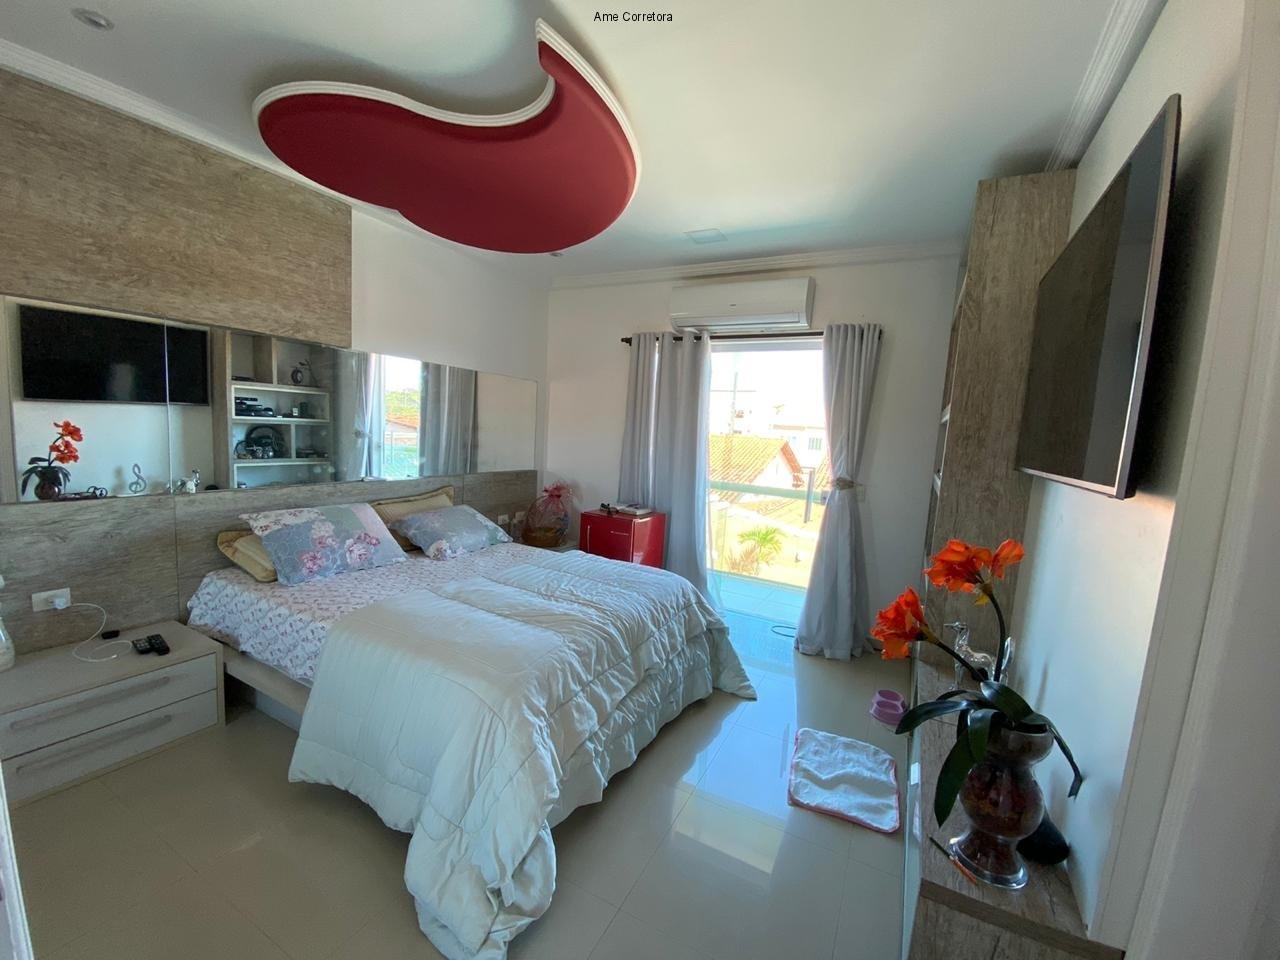 FOTO 16 - Casa 3 quartos à venda Rio de Janeiro,RJ - R$ 900.000 - CA00624 - 17